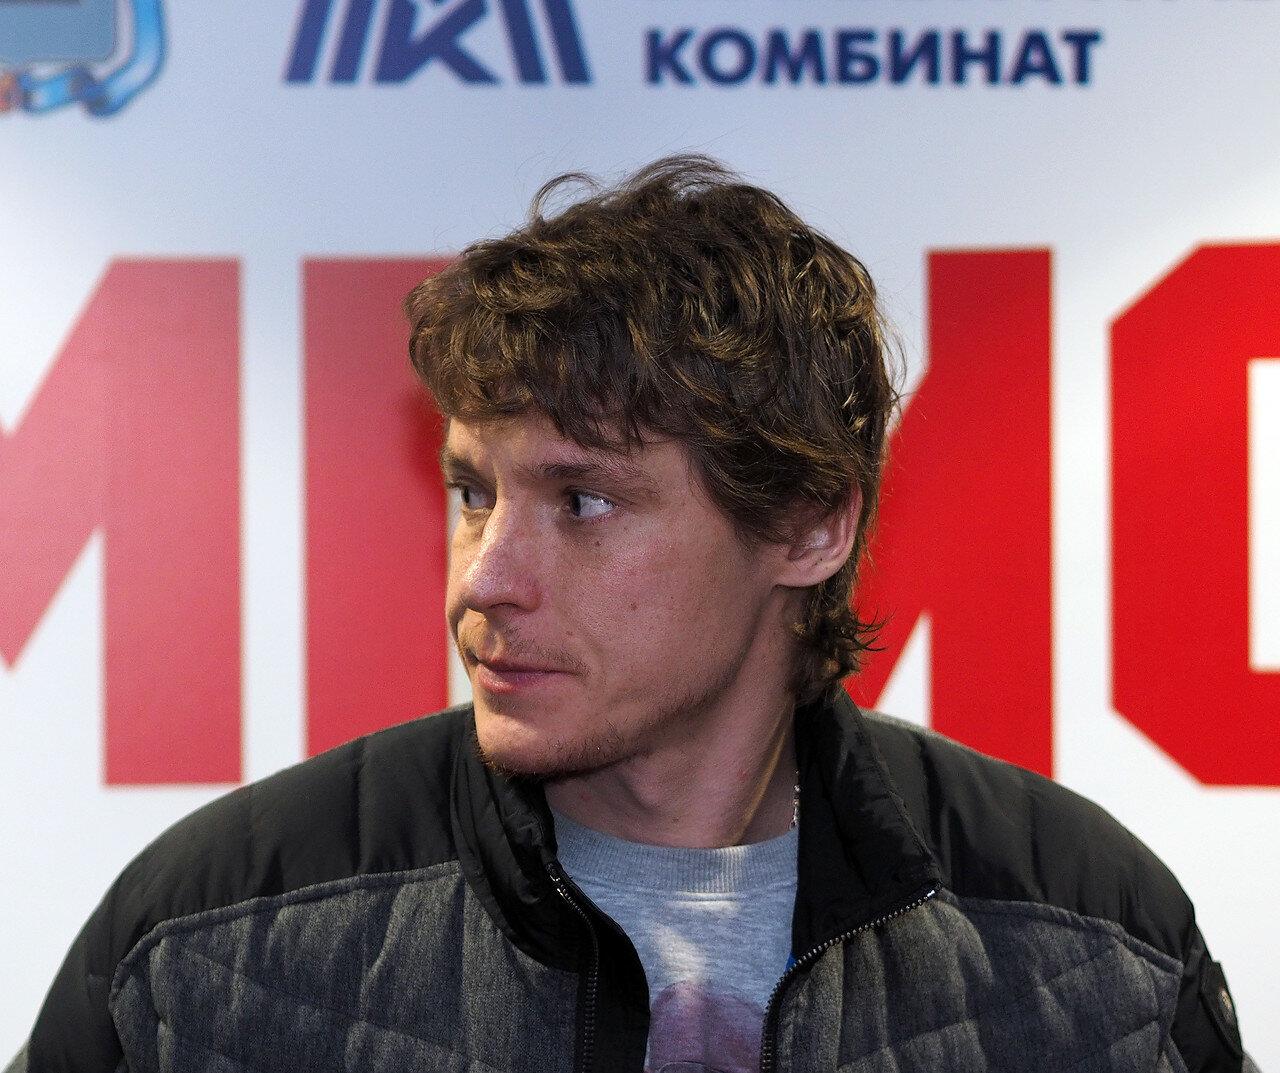 Металлург - Динамо Москва 28.12.2015